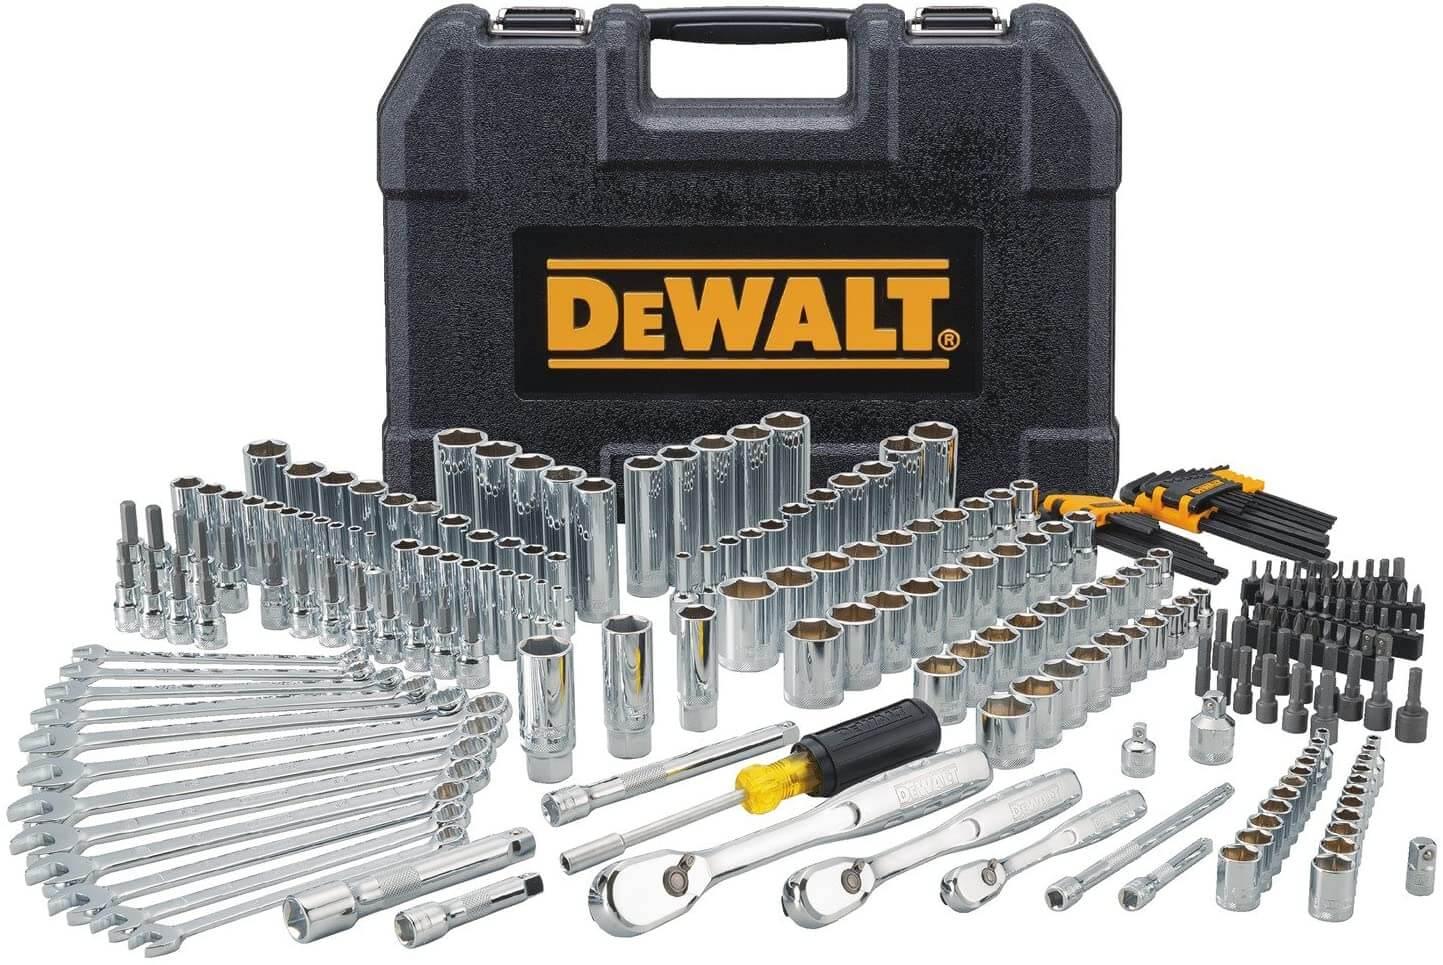 DEWALT Tool Sets for Boat Owners